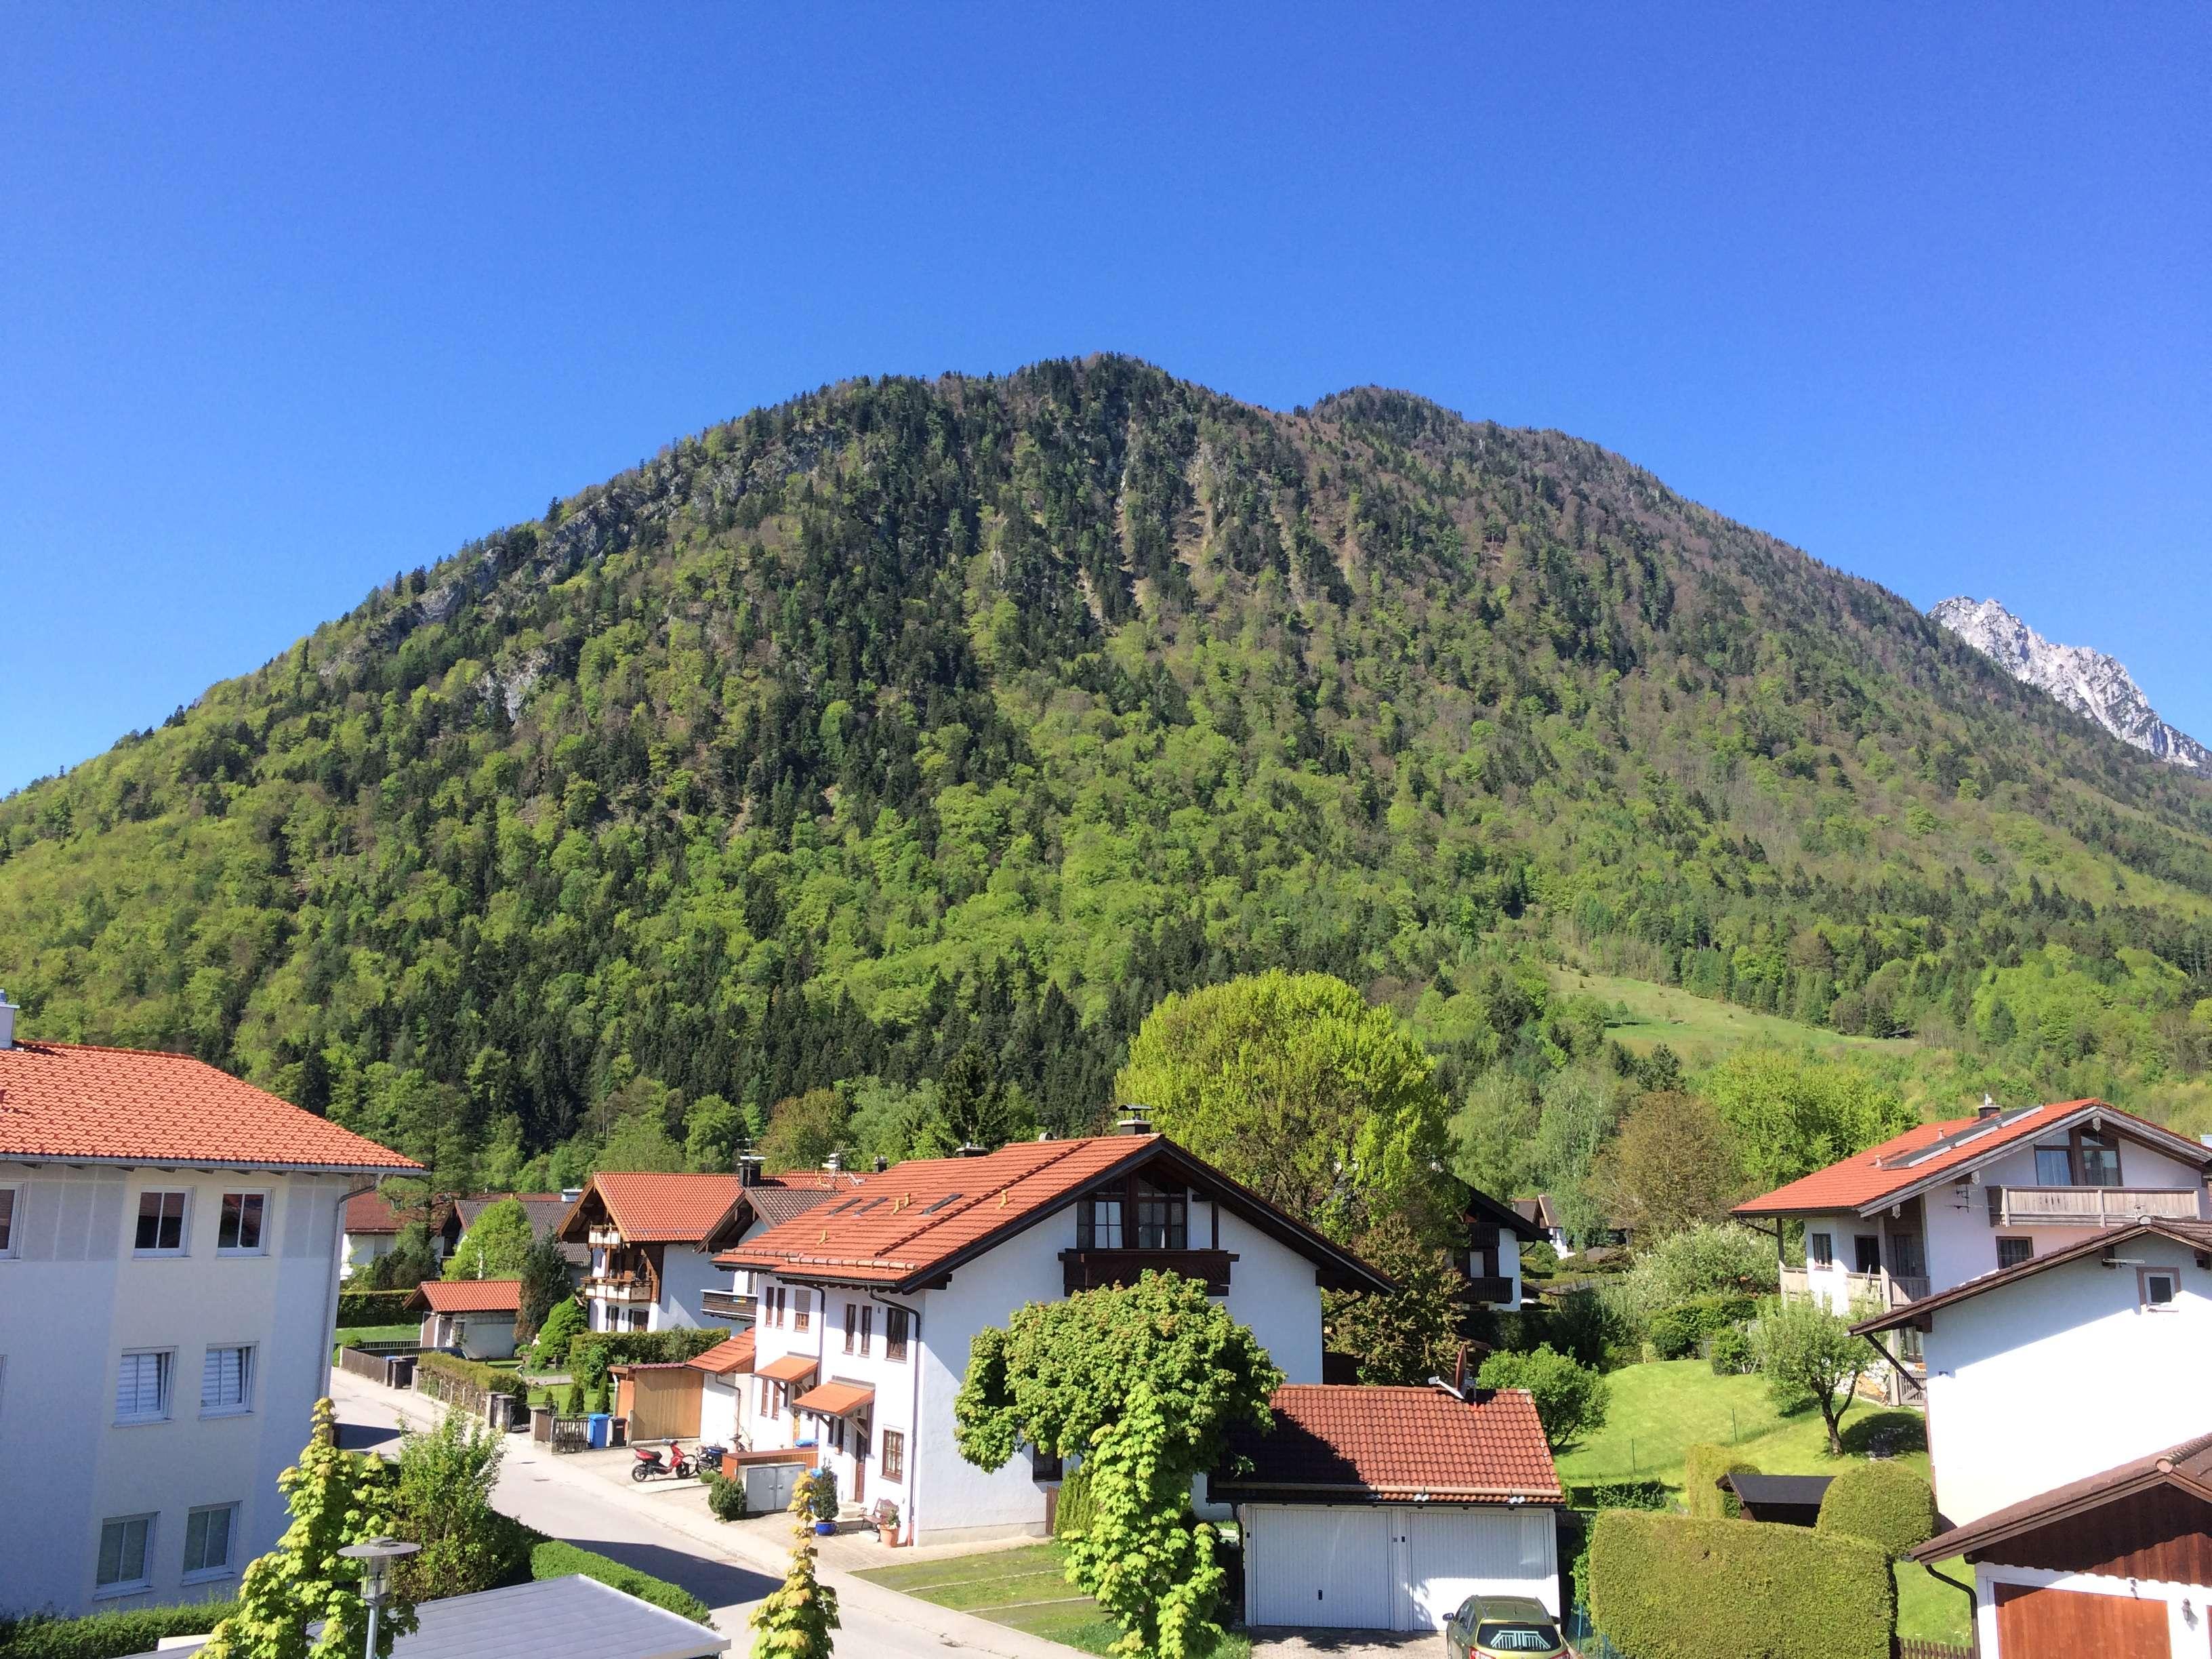 4 Zi. Wohnung in Piding mit Traumhaften Bergblick